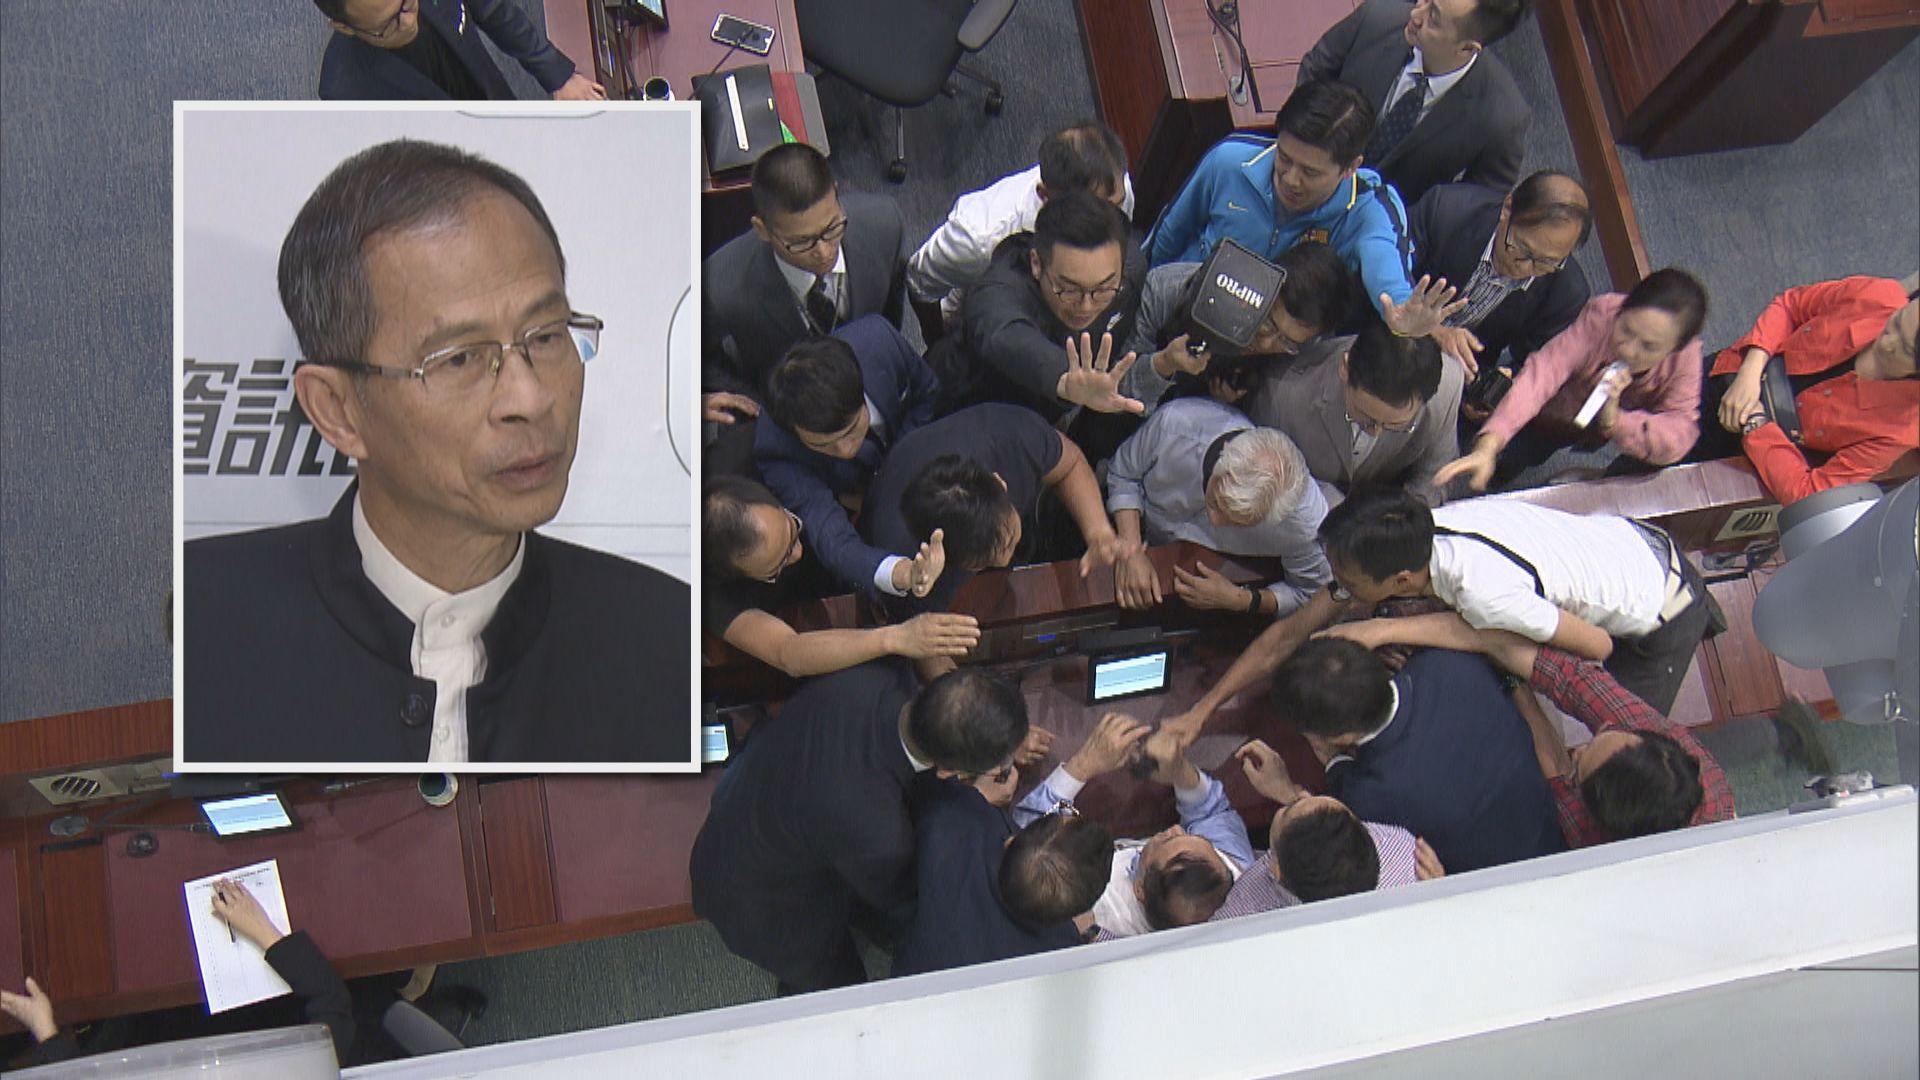 曾鈺成擔心逃犯條例修訂造成社會撕裂